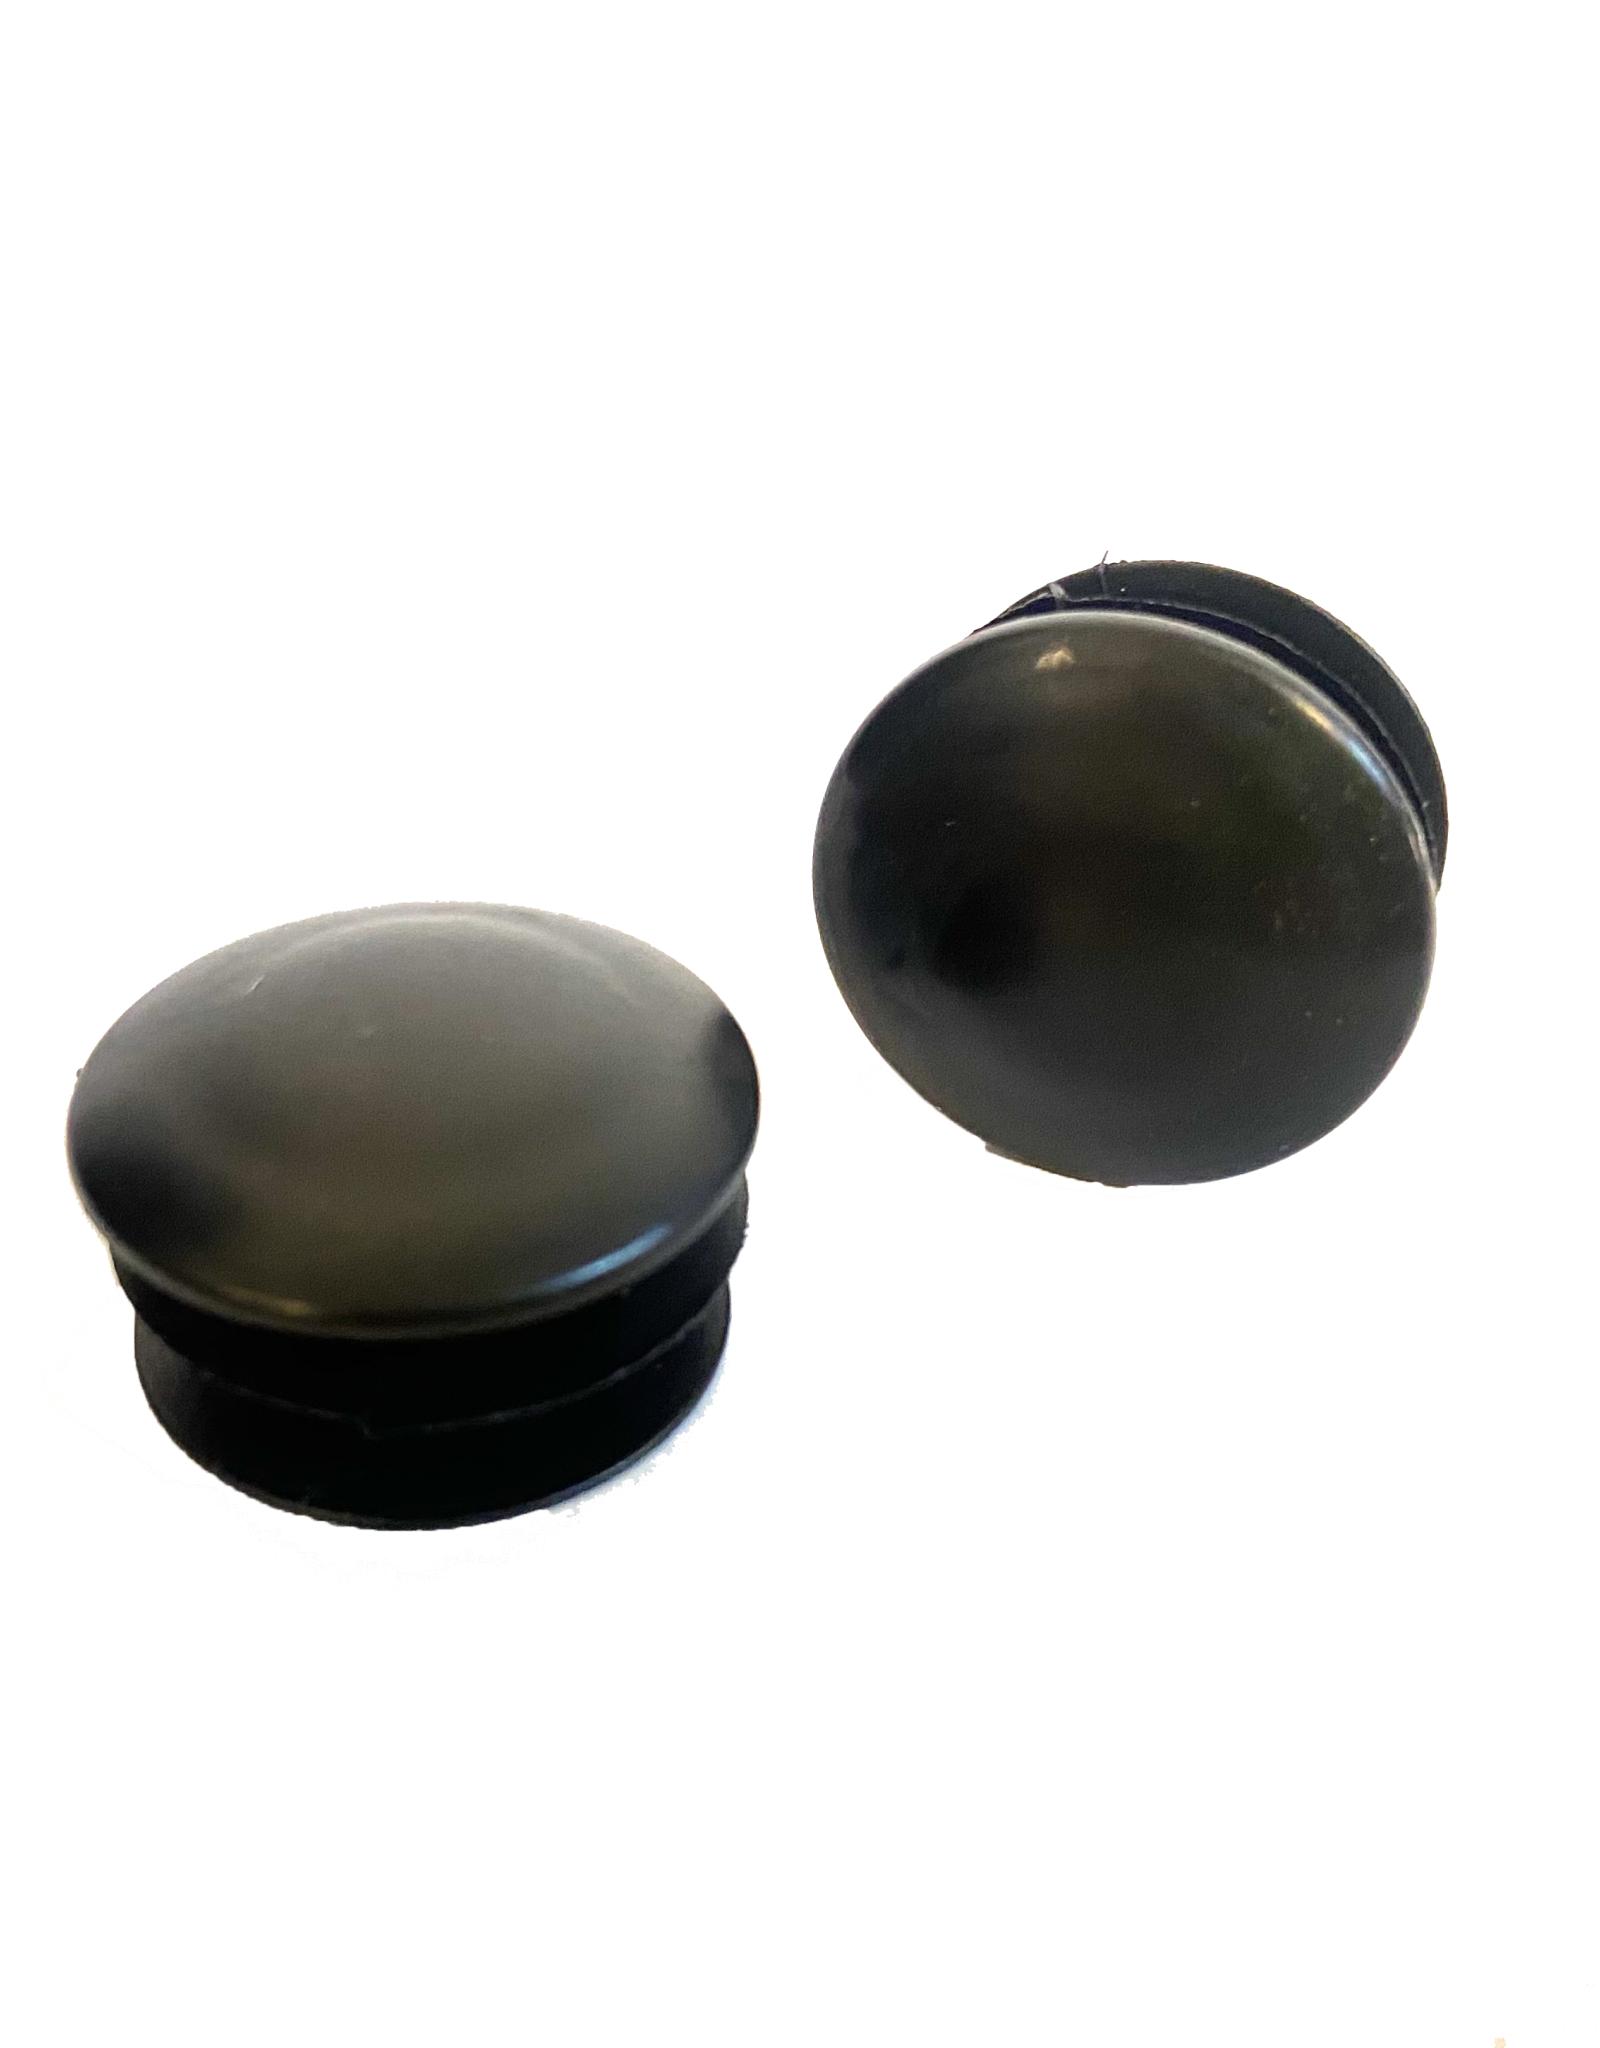 Bacchetta Bacchetta Plastic Plug for Frame/Riser EACH